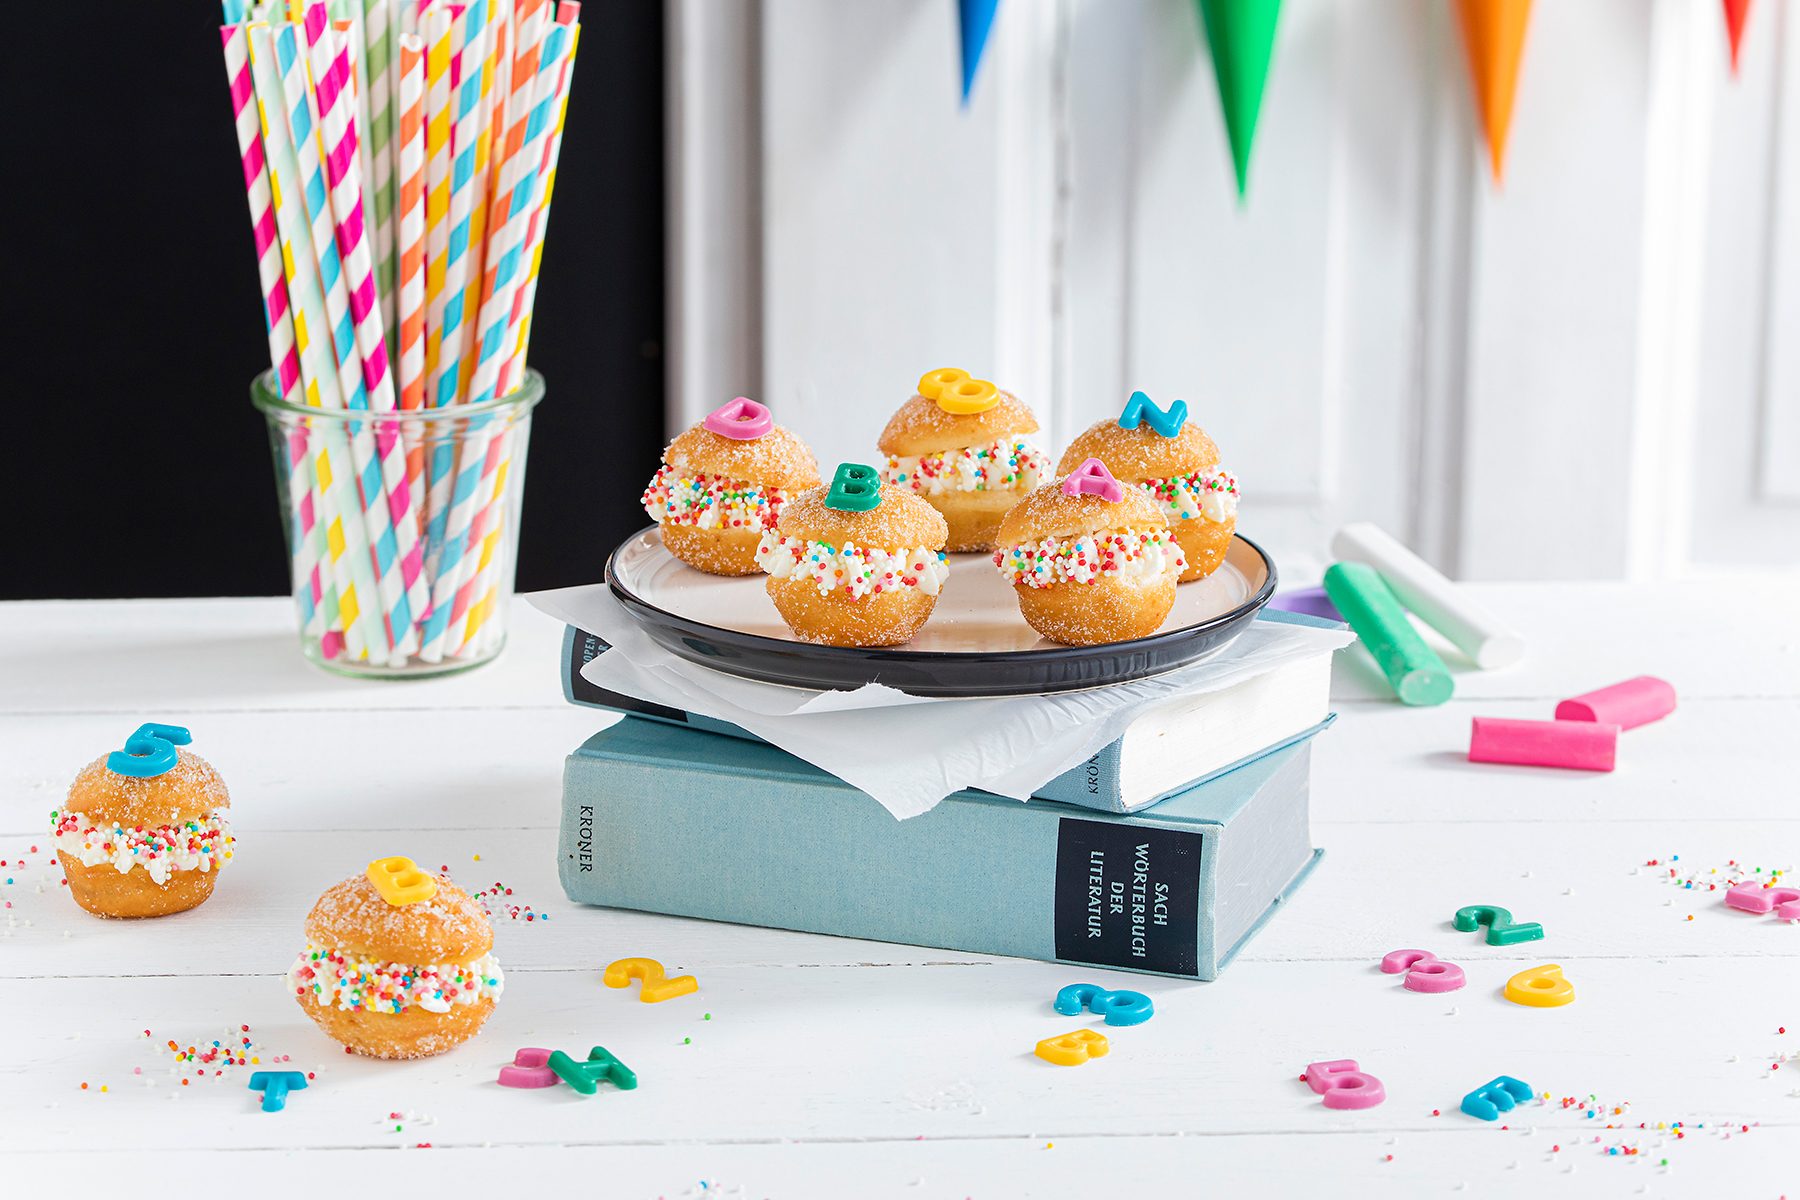 Snackidee zur Einschulung: ABC-Mini-Berliner